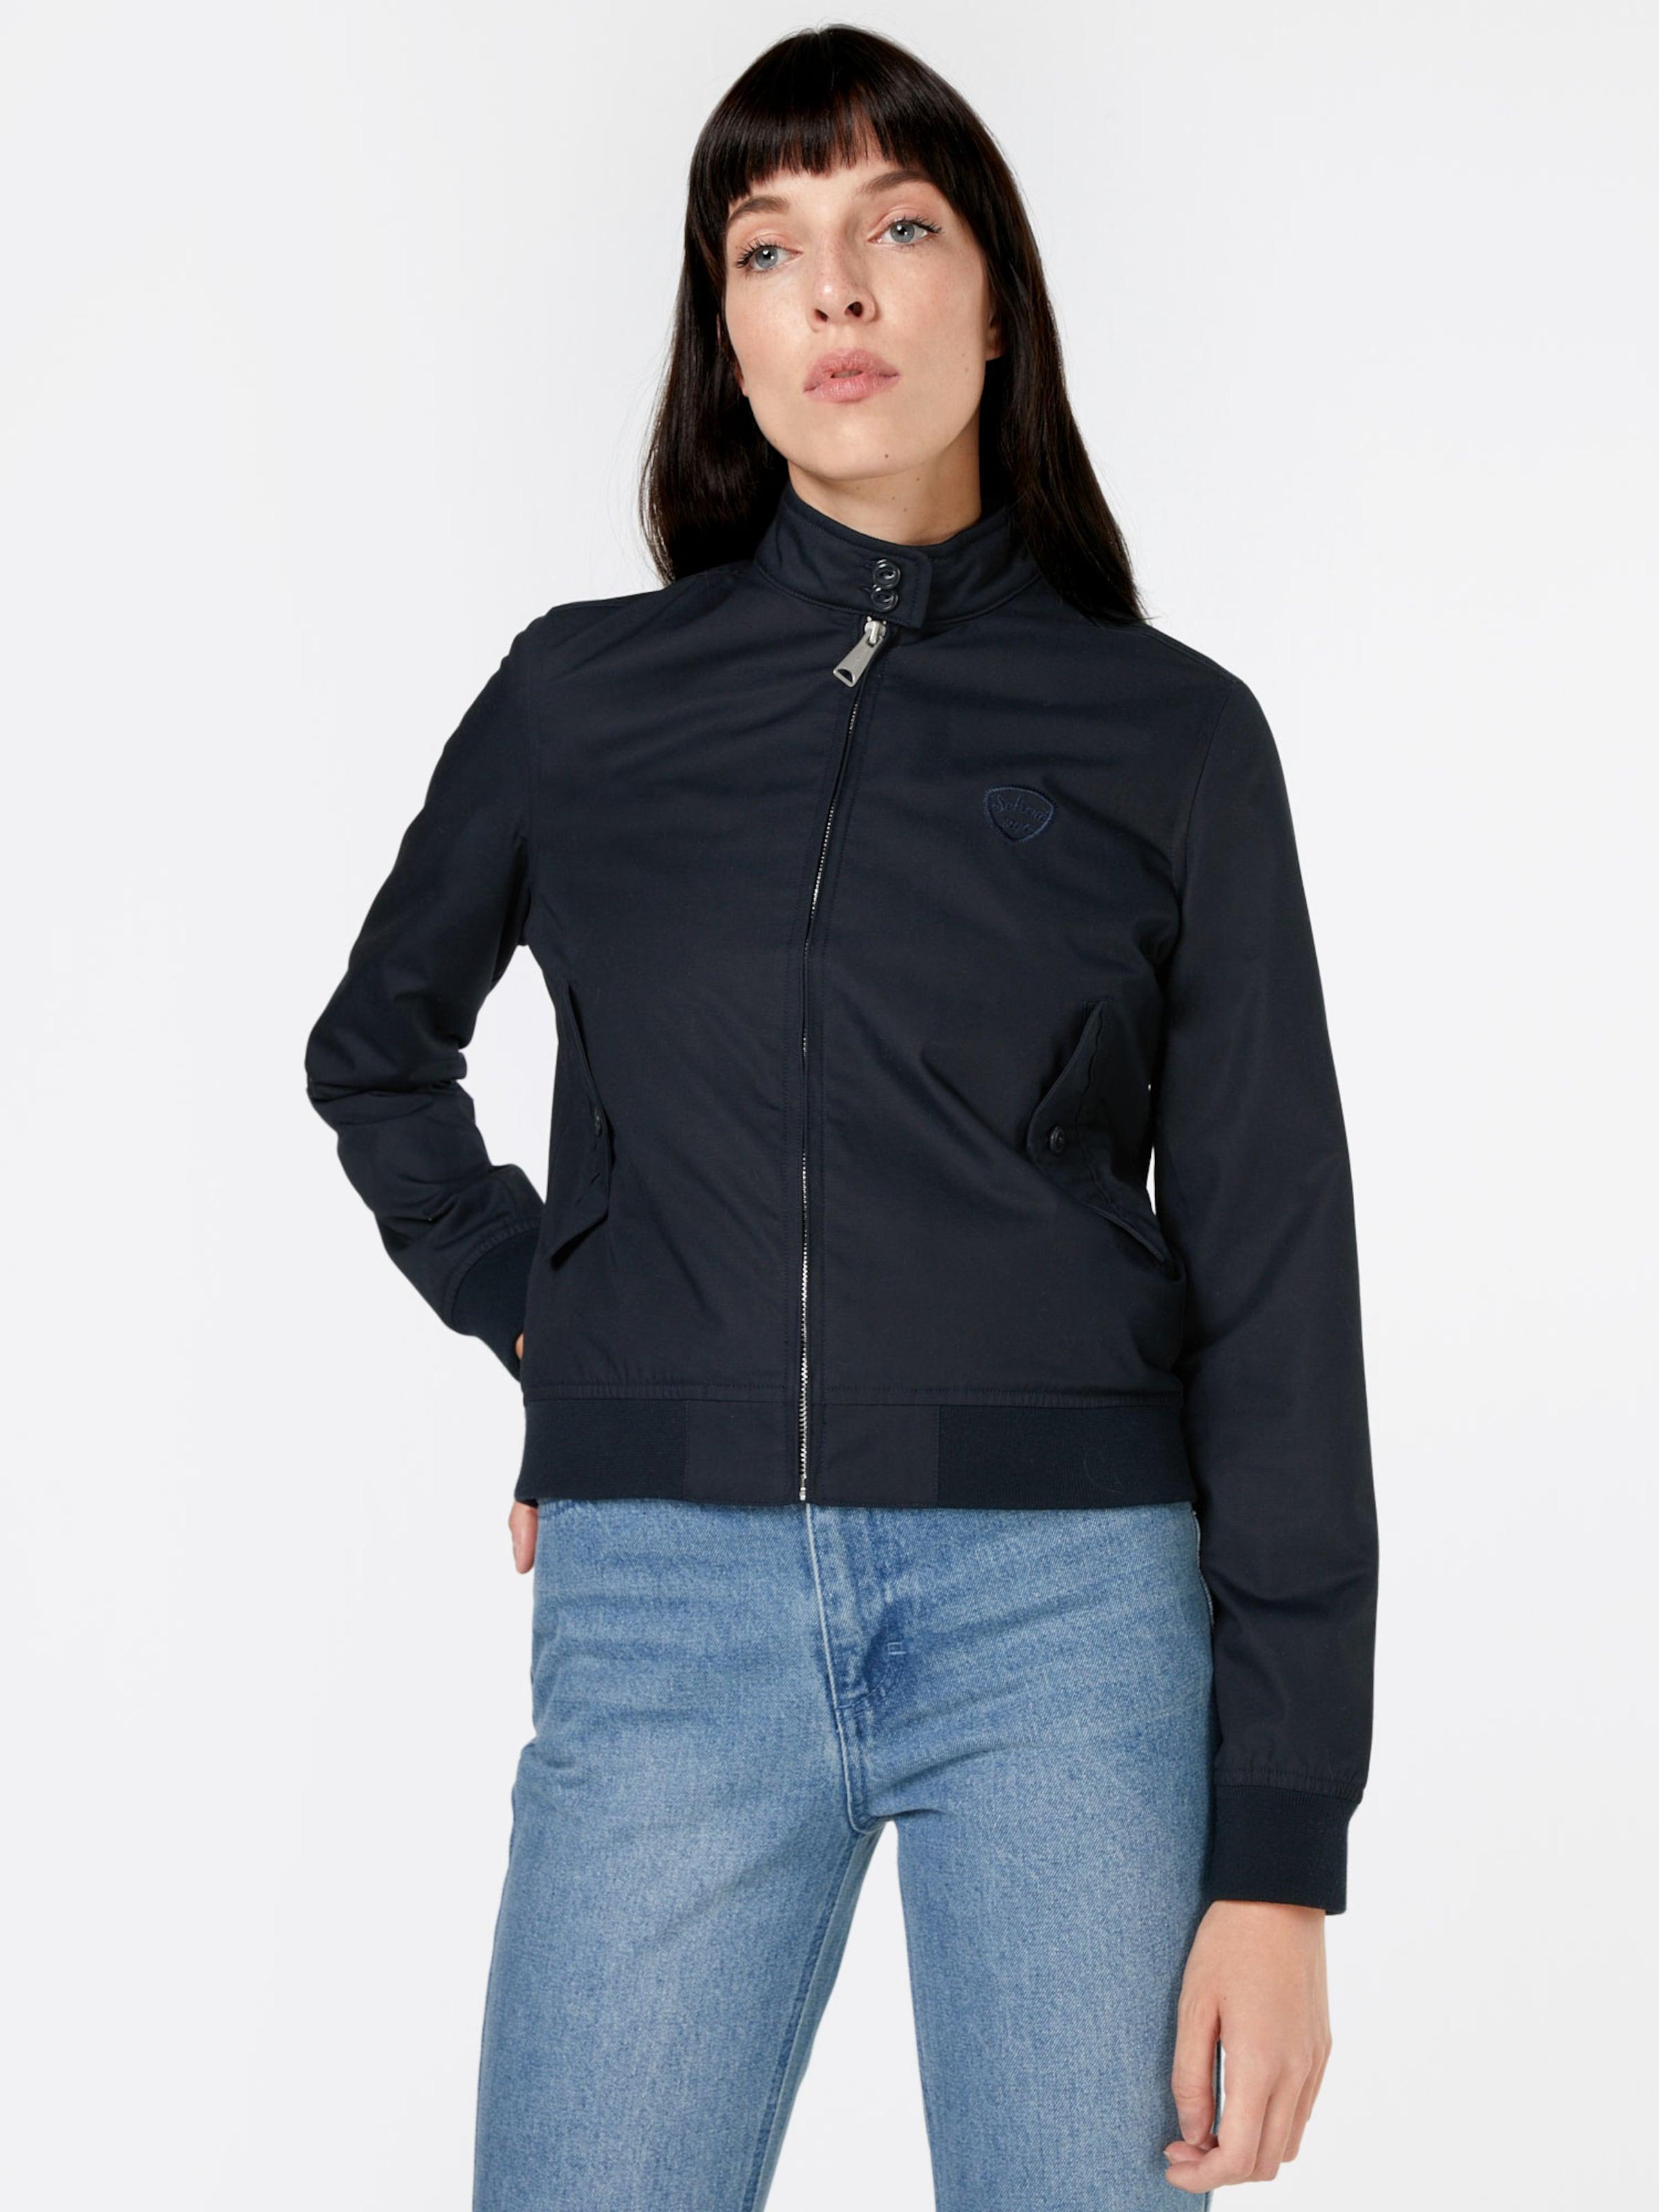 Zum Verkauf Finish Schott NYC Jacke 'CABL W' Günstig Kaufen Neuesten Kollektionen Austrittskosten N166bk